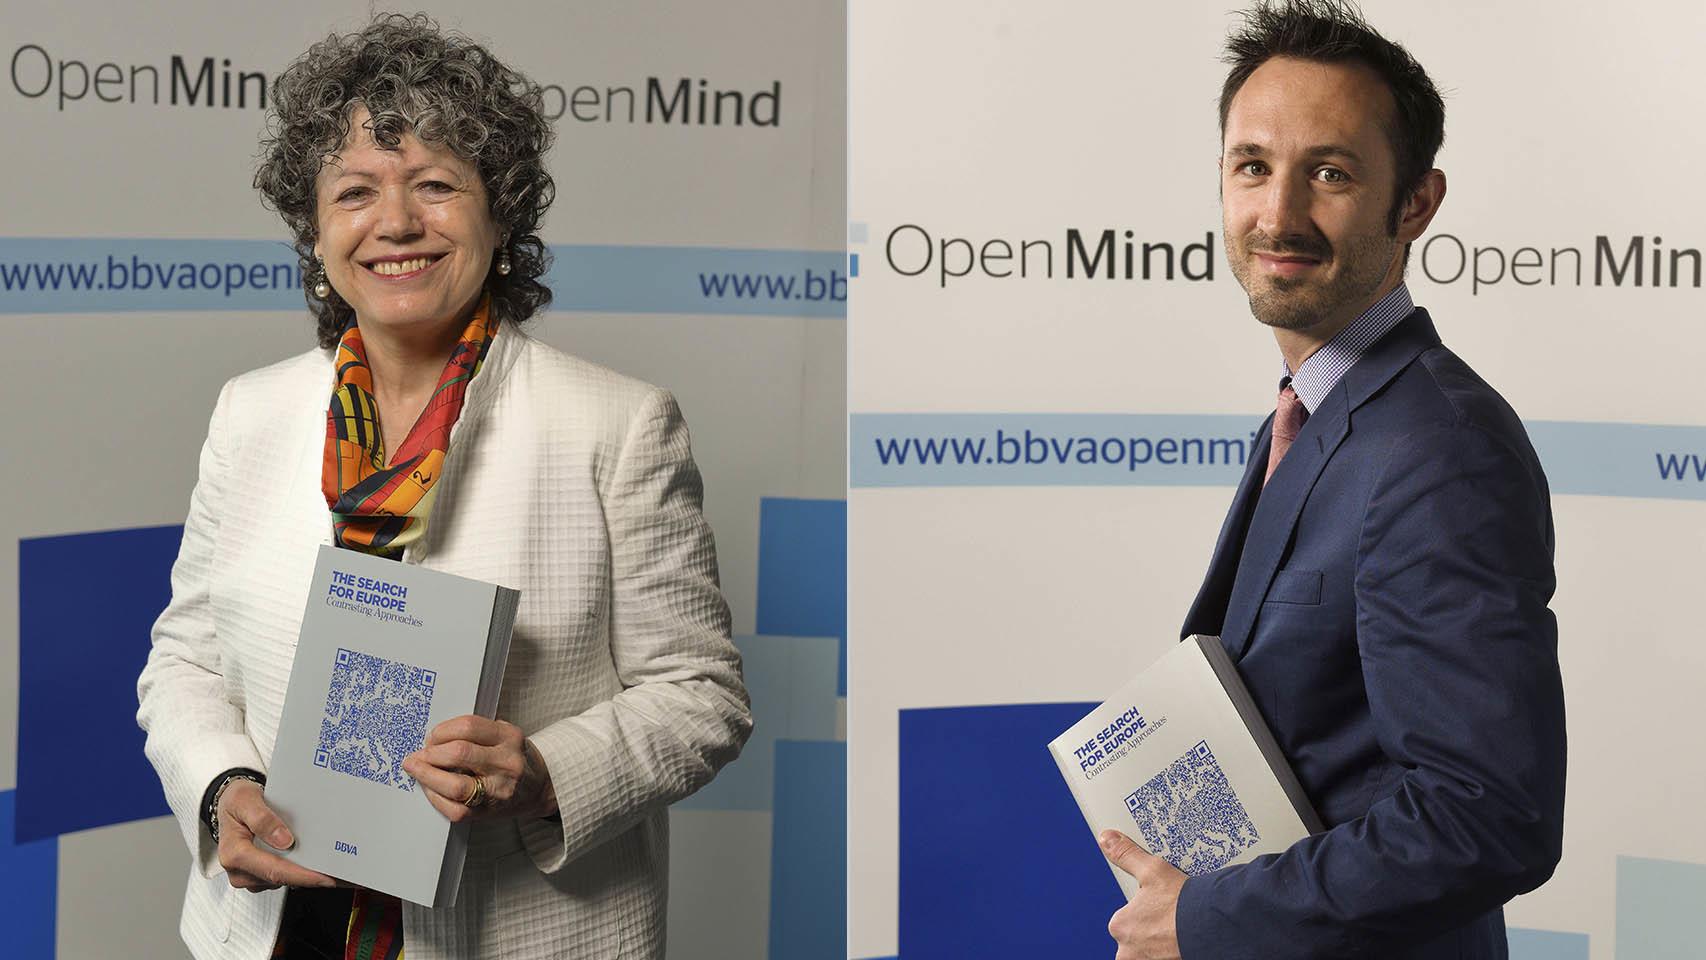 Los profesores Schmidt y Bickerton, en la presentación del libro La búsqueda de Europa.